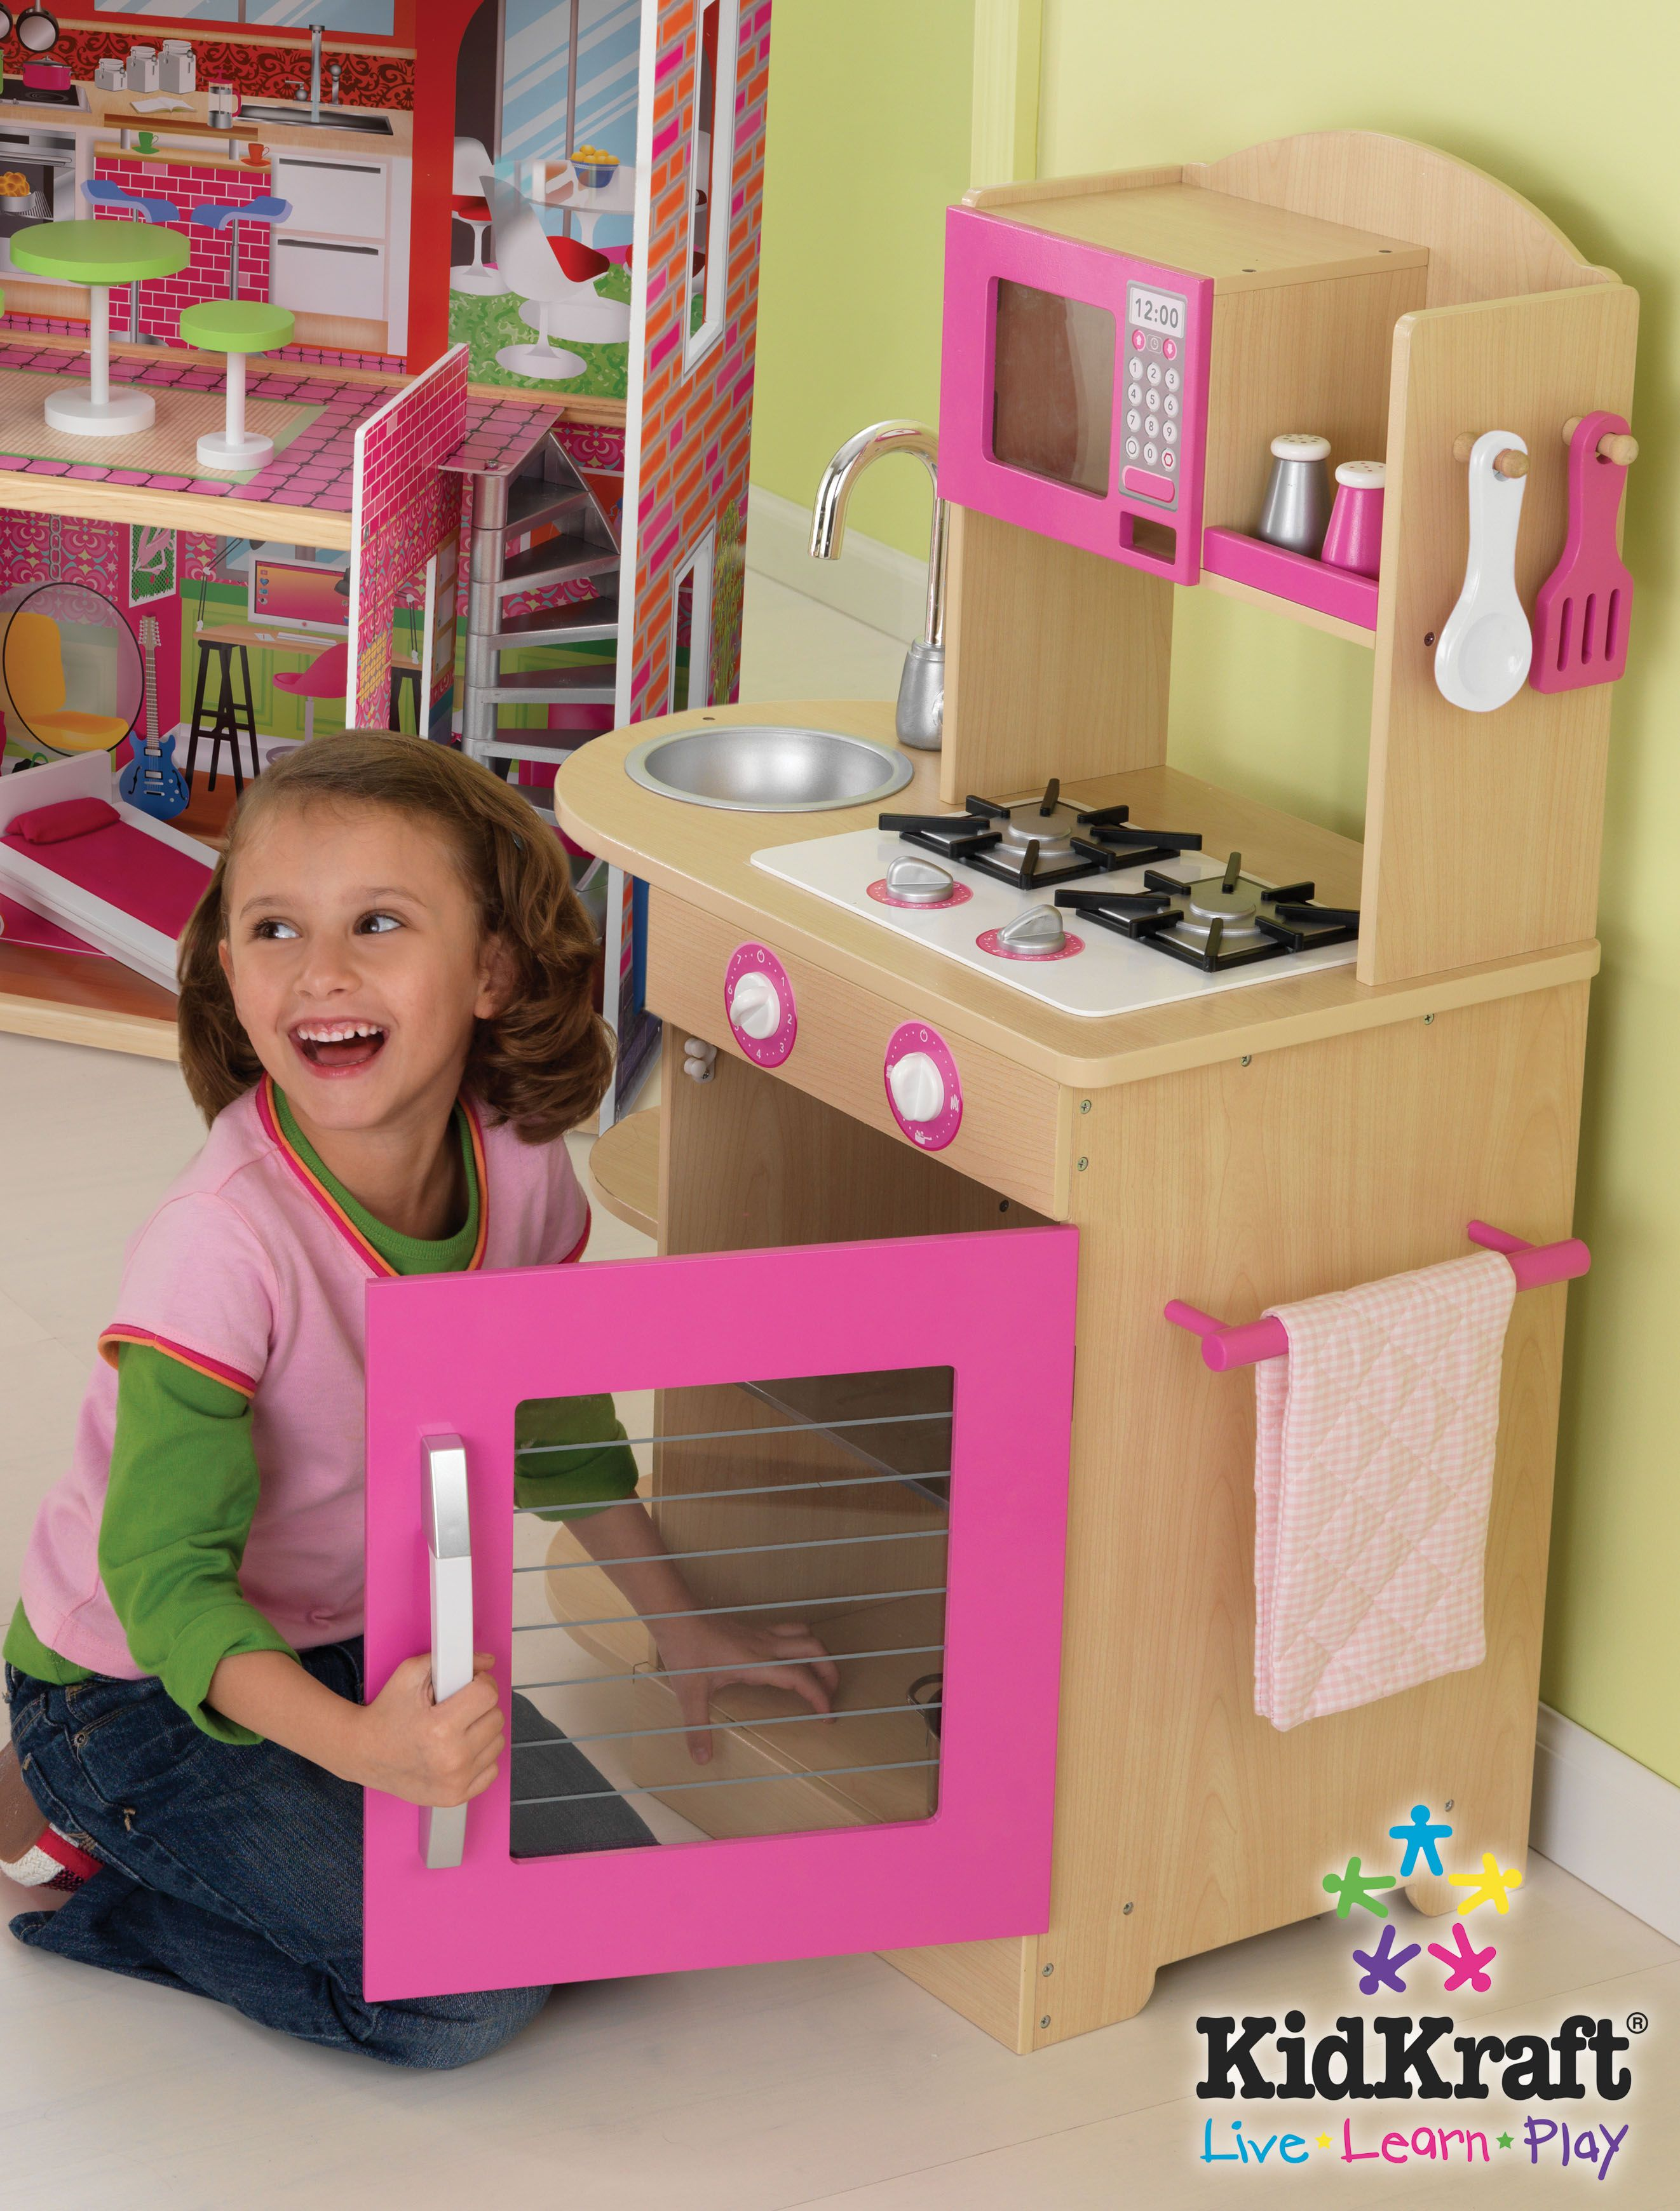 Kids Kitchen Set Kidkraft Pink Wooden Kitchen For kids